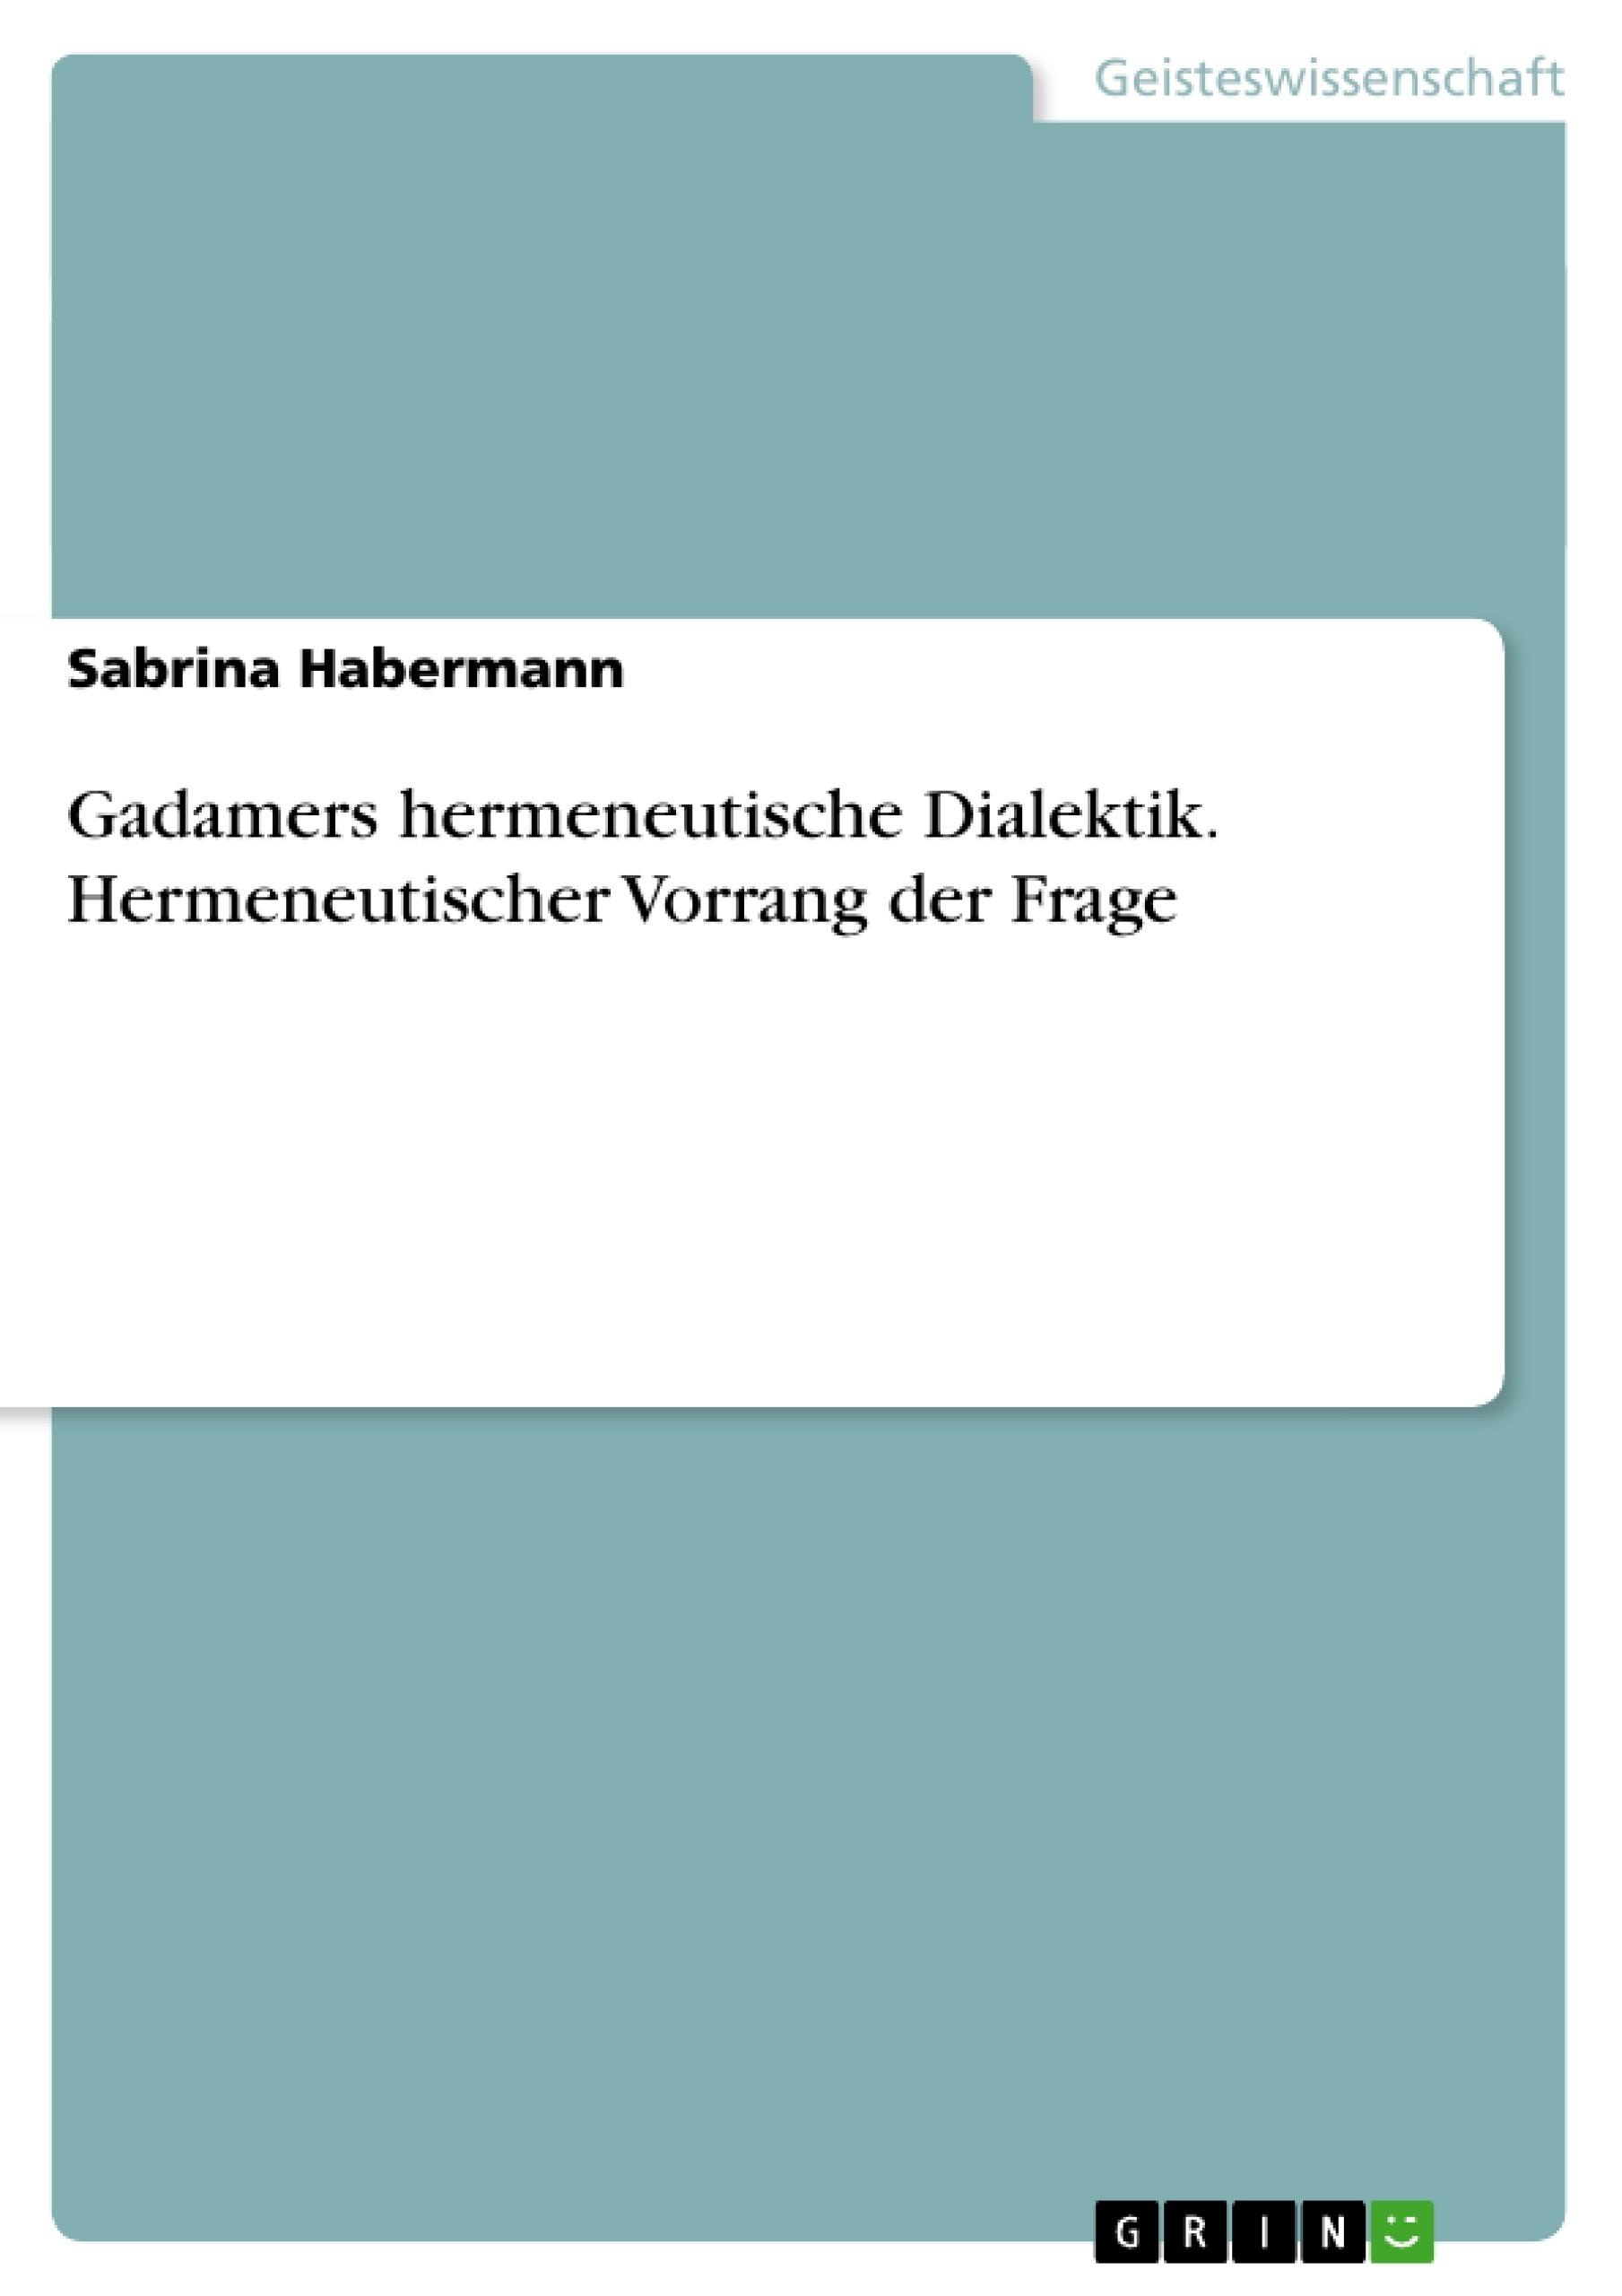 Titel: Gadamers hermeneutische Dialektik. Hermeneutischer Vorrang der Frage